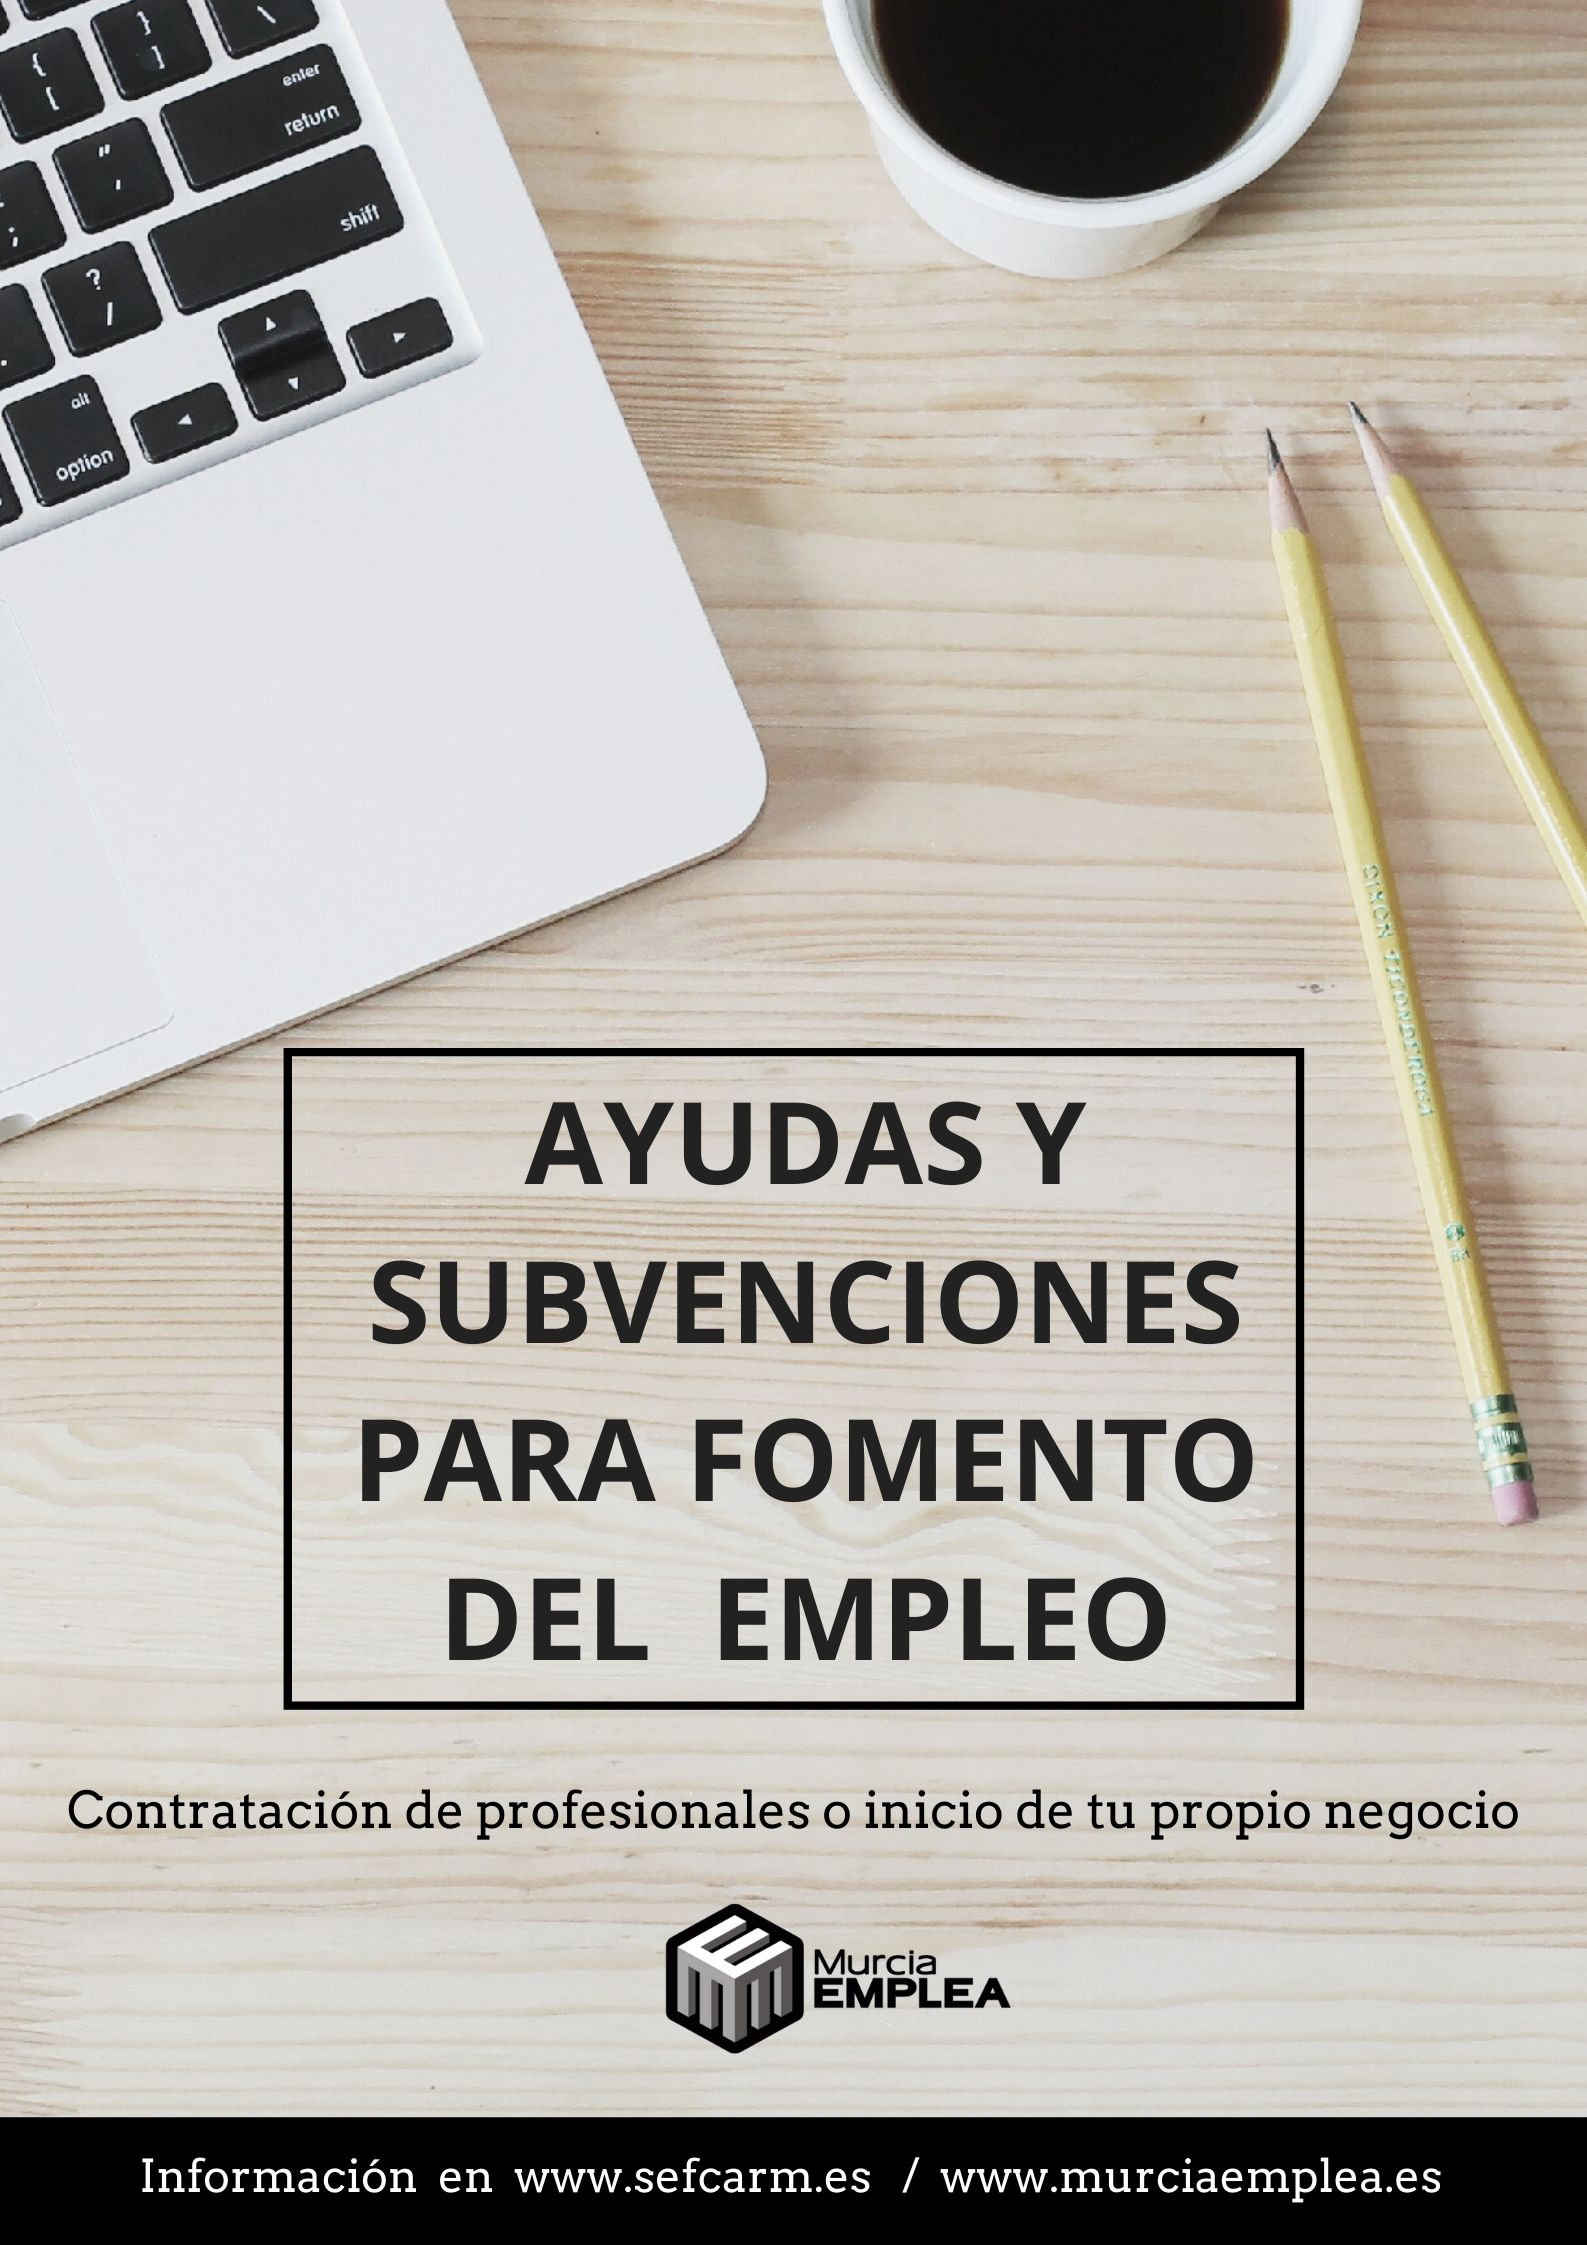 AYUDAS Y SUBVENCIONES PARA EL FOMENTO DEL EMPLEO.